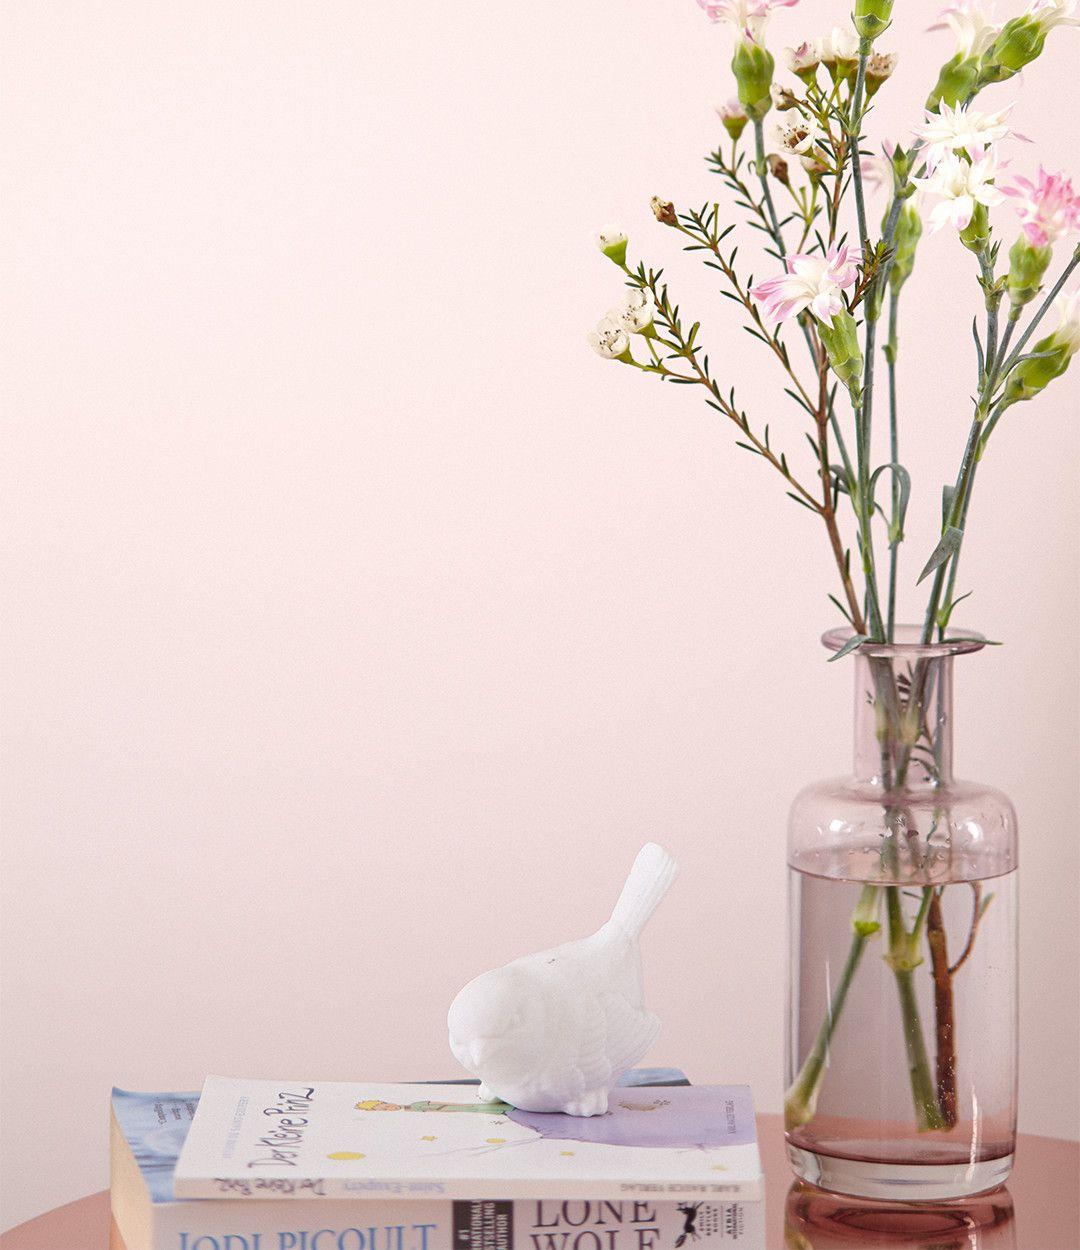 alpina feine farben no 24 zarte romantik besonders edel und erwachsen wirkt diese nuance zu. Black Bedroom Furniture Sets. Home Design Ideas